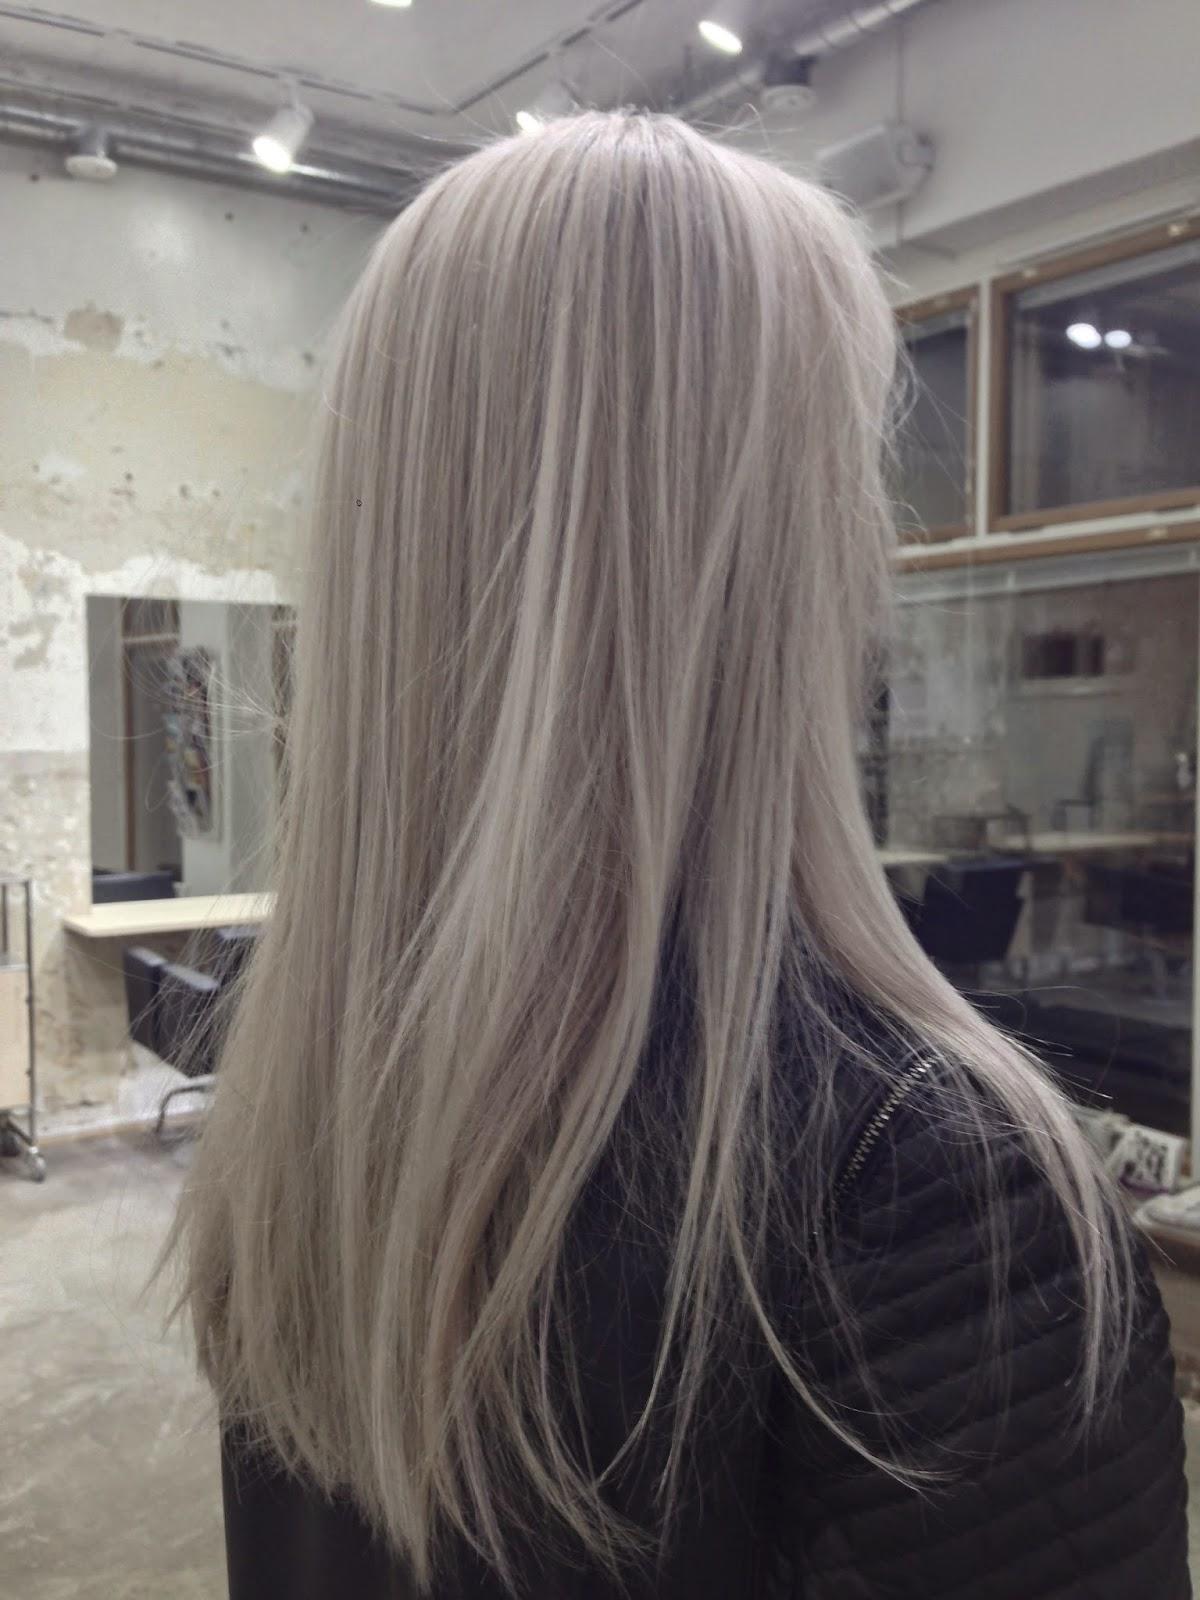 Olaplex, Platinum blonde, Qhair